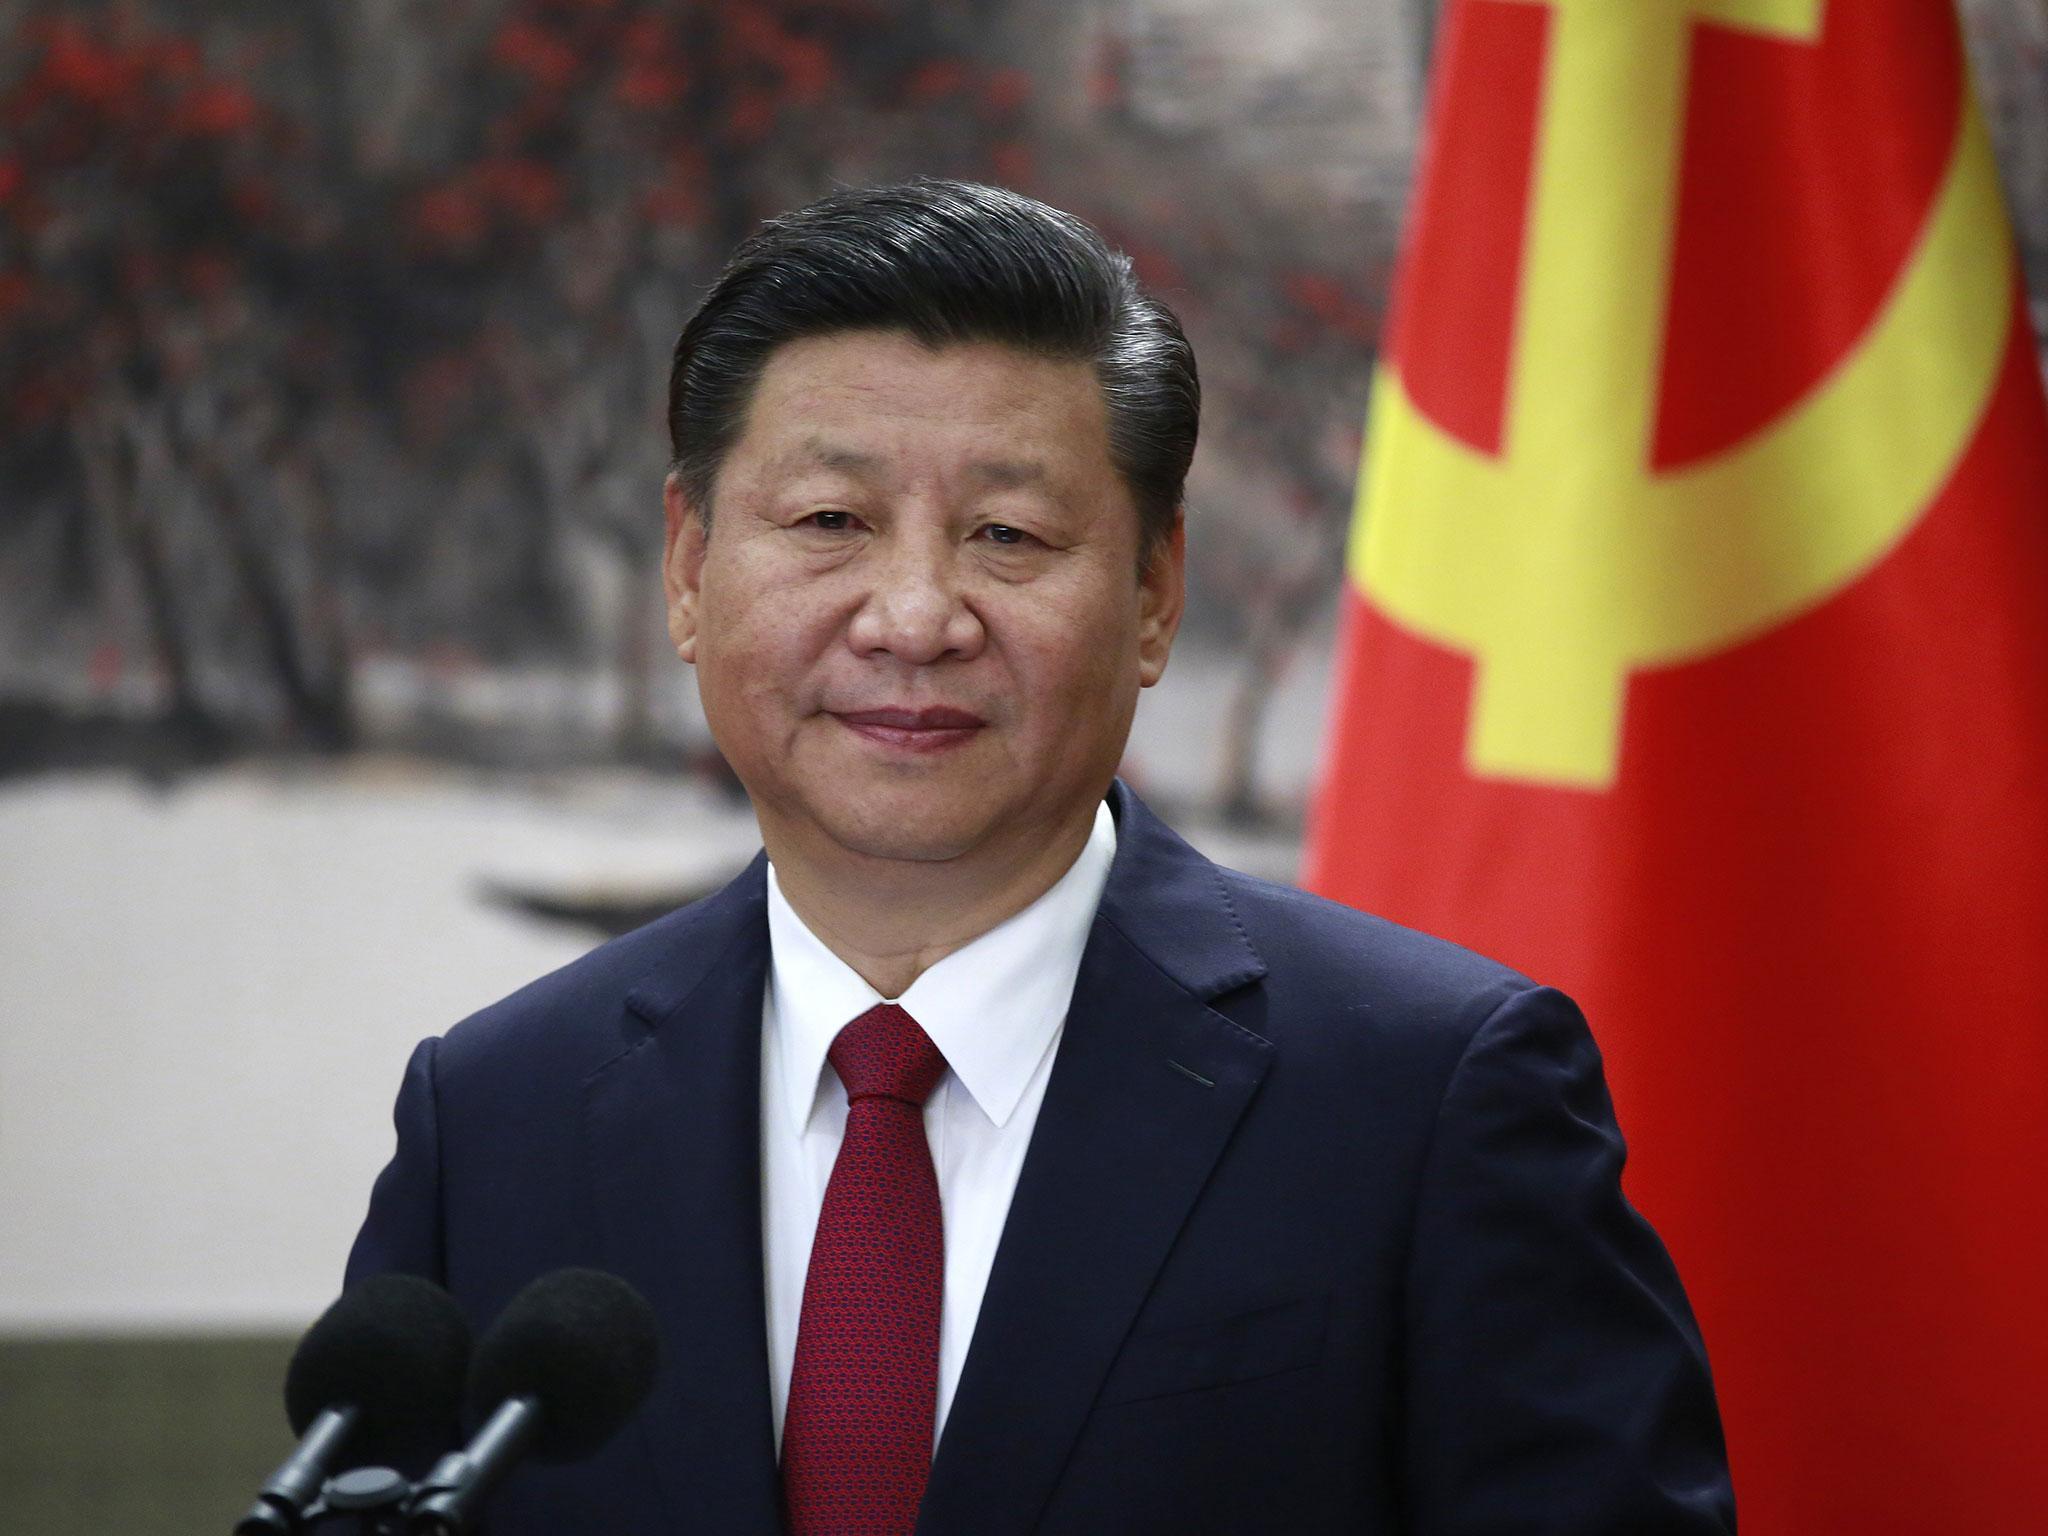 Xi Jinping Aussprache